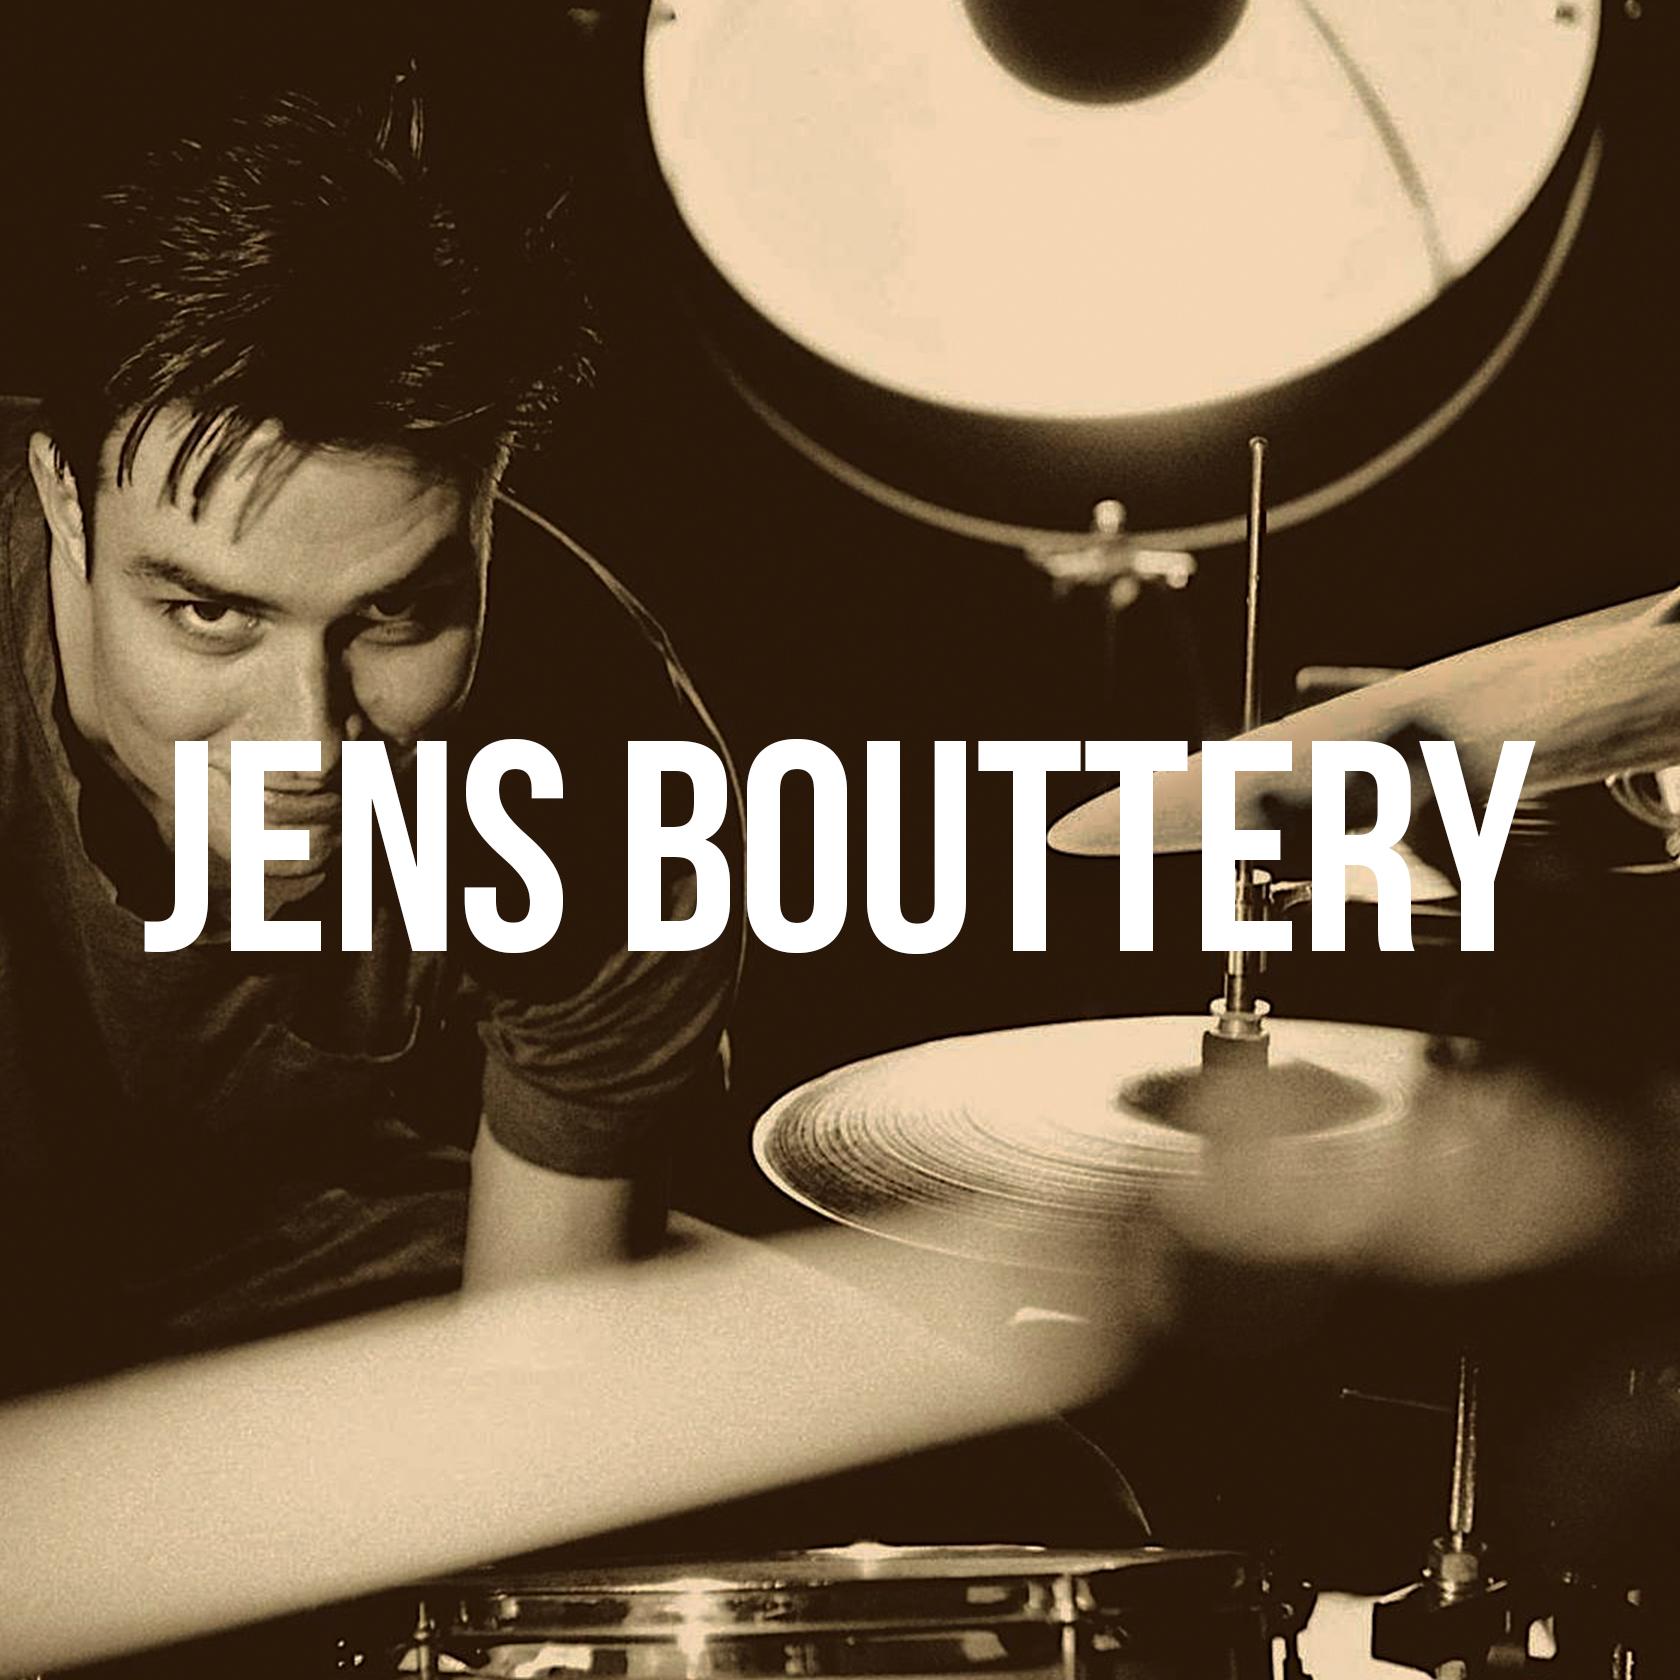 Jens Bouttery.jpg